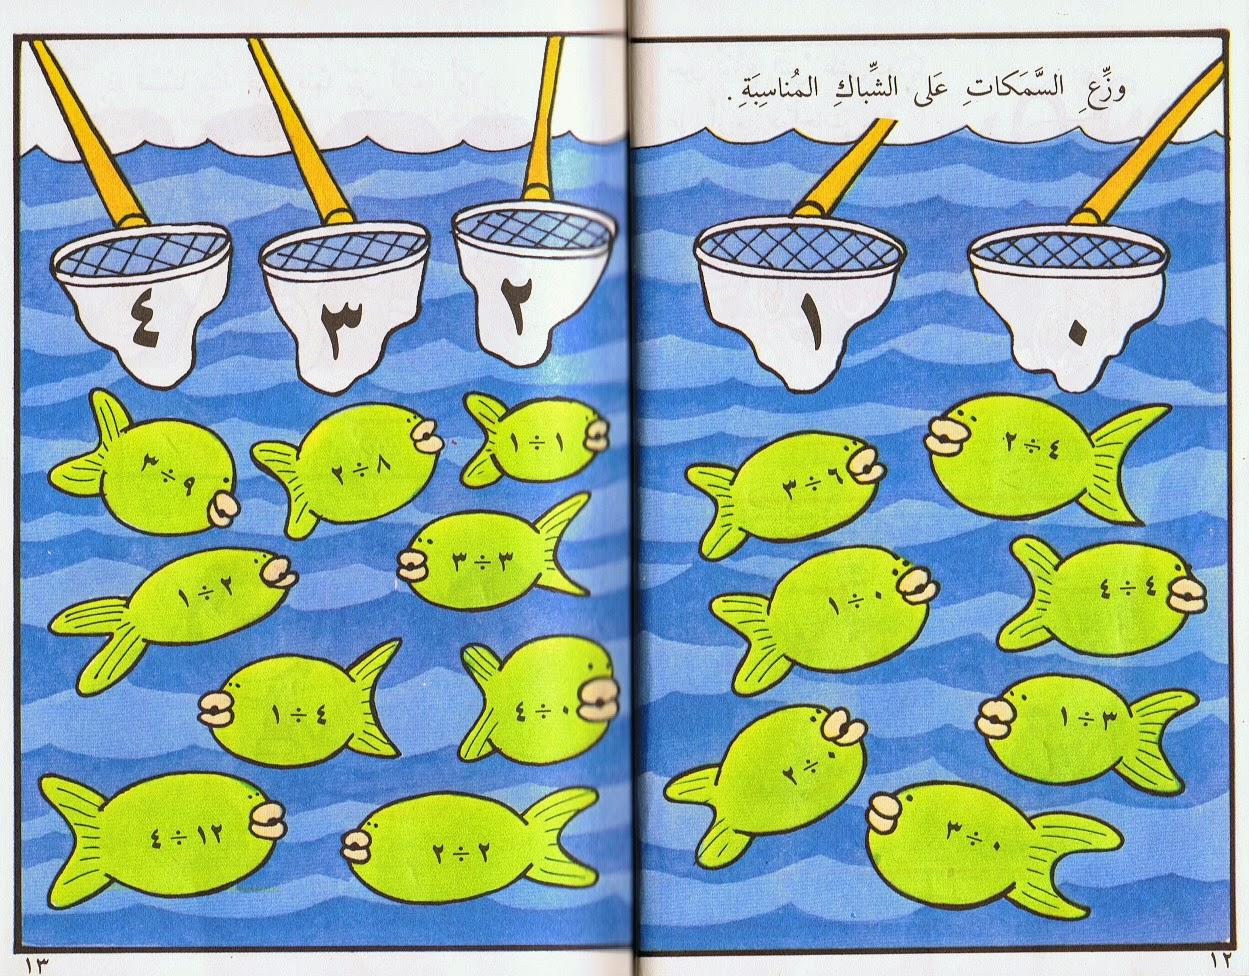 كتاب تعليم القسمة لأطفال الصف الثالث بالألوان الطبيعية 2015 CCI05062012_00036.jp